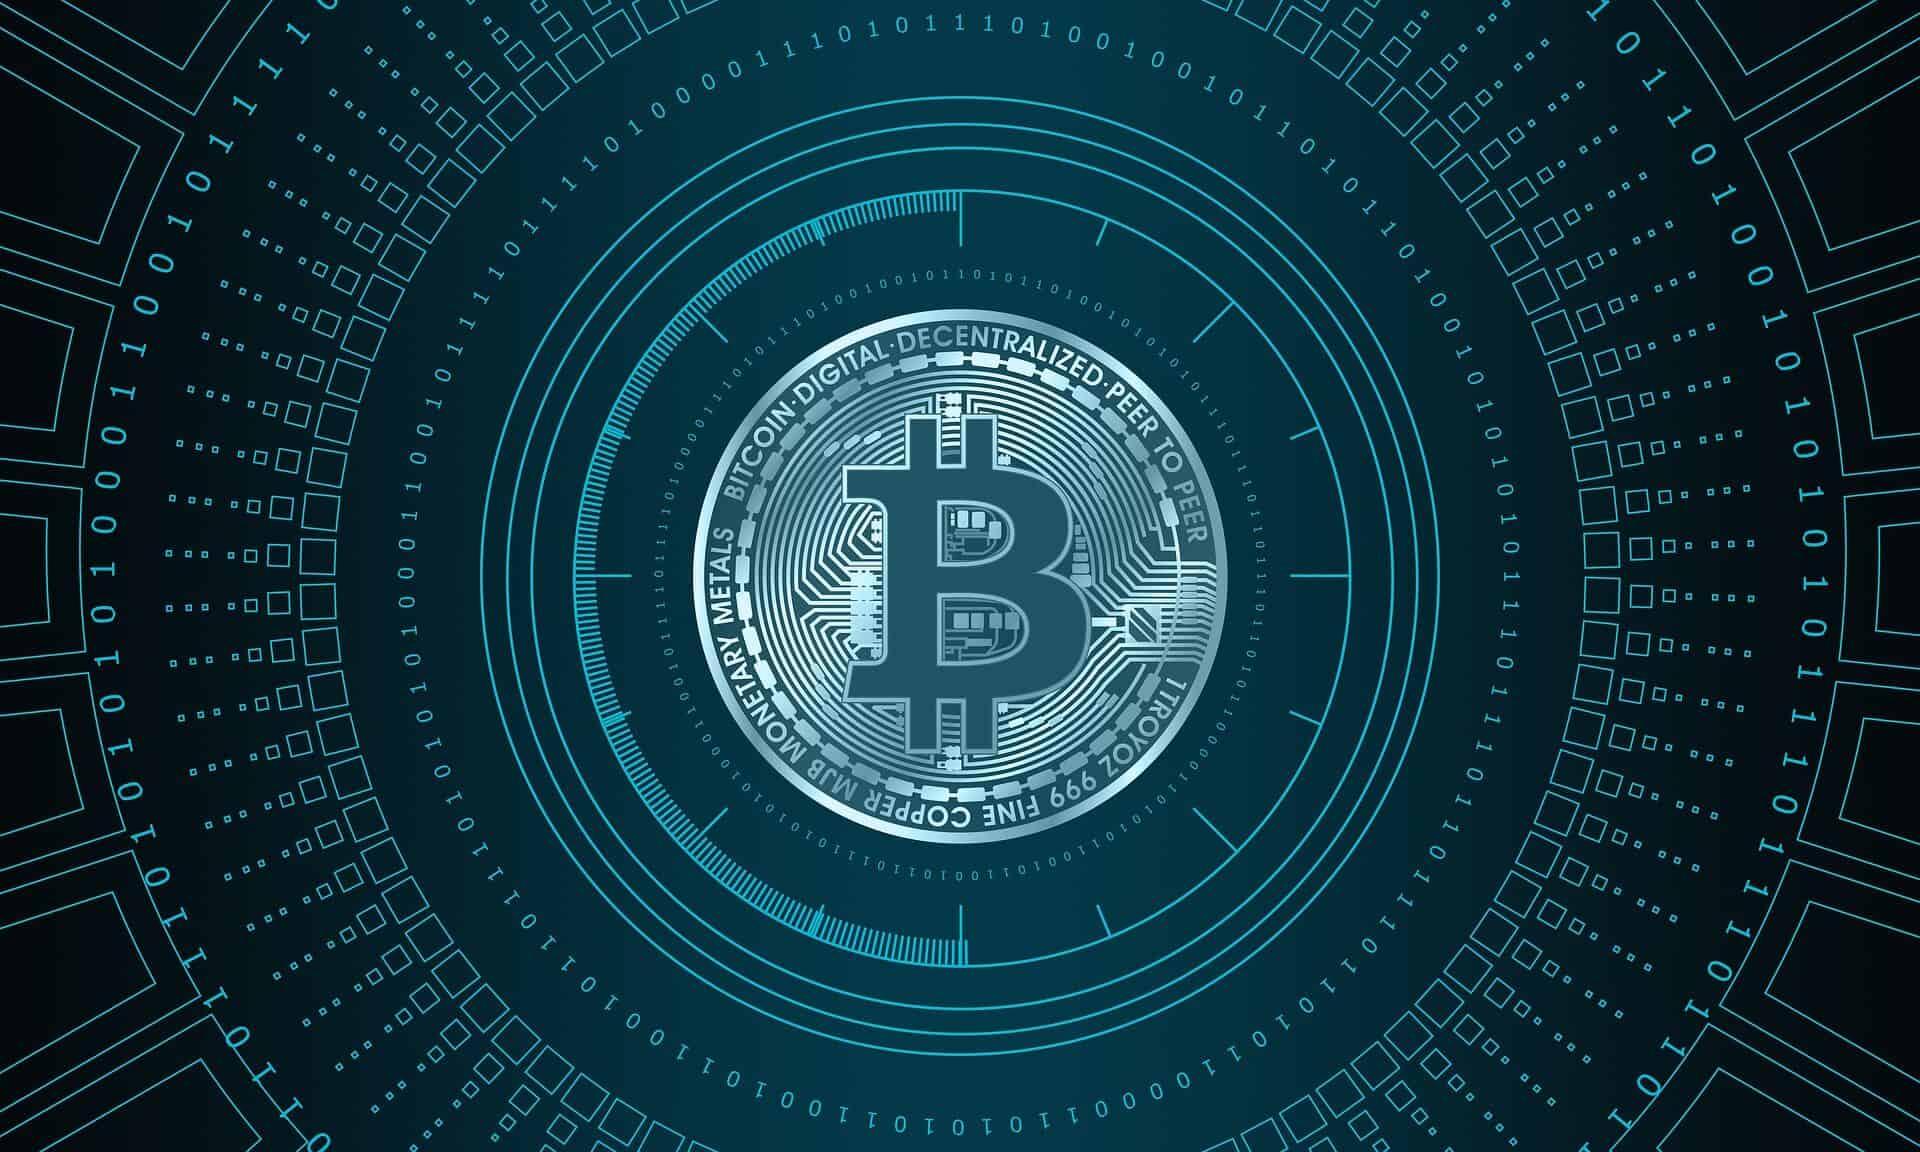 Bitcoin Association Switzerland Launches New Token On Tezos Blockchain